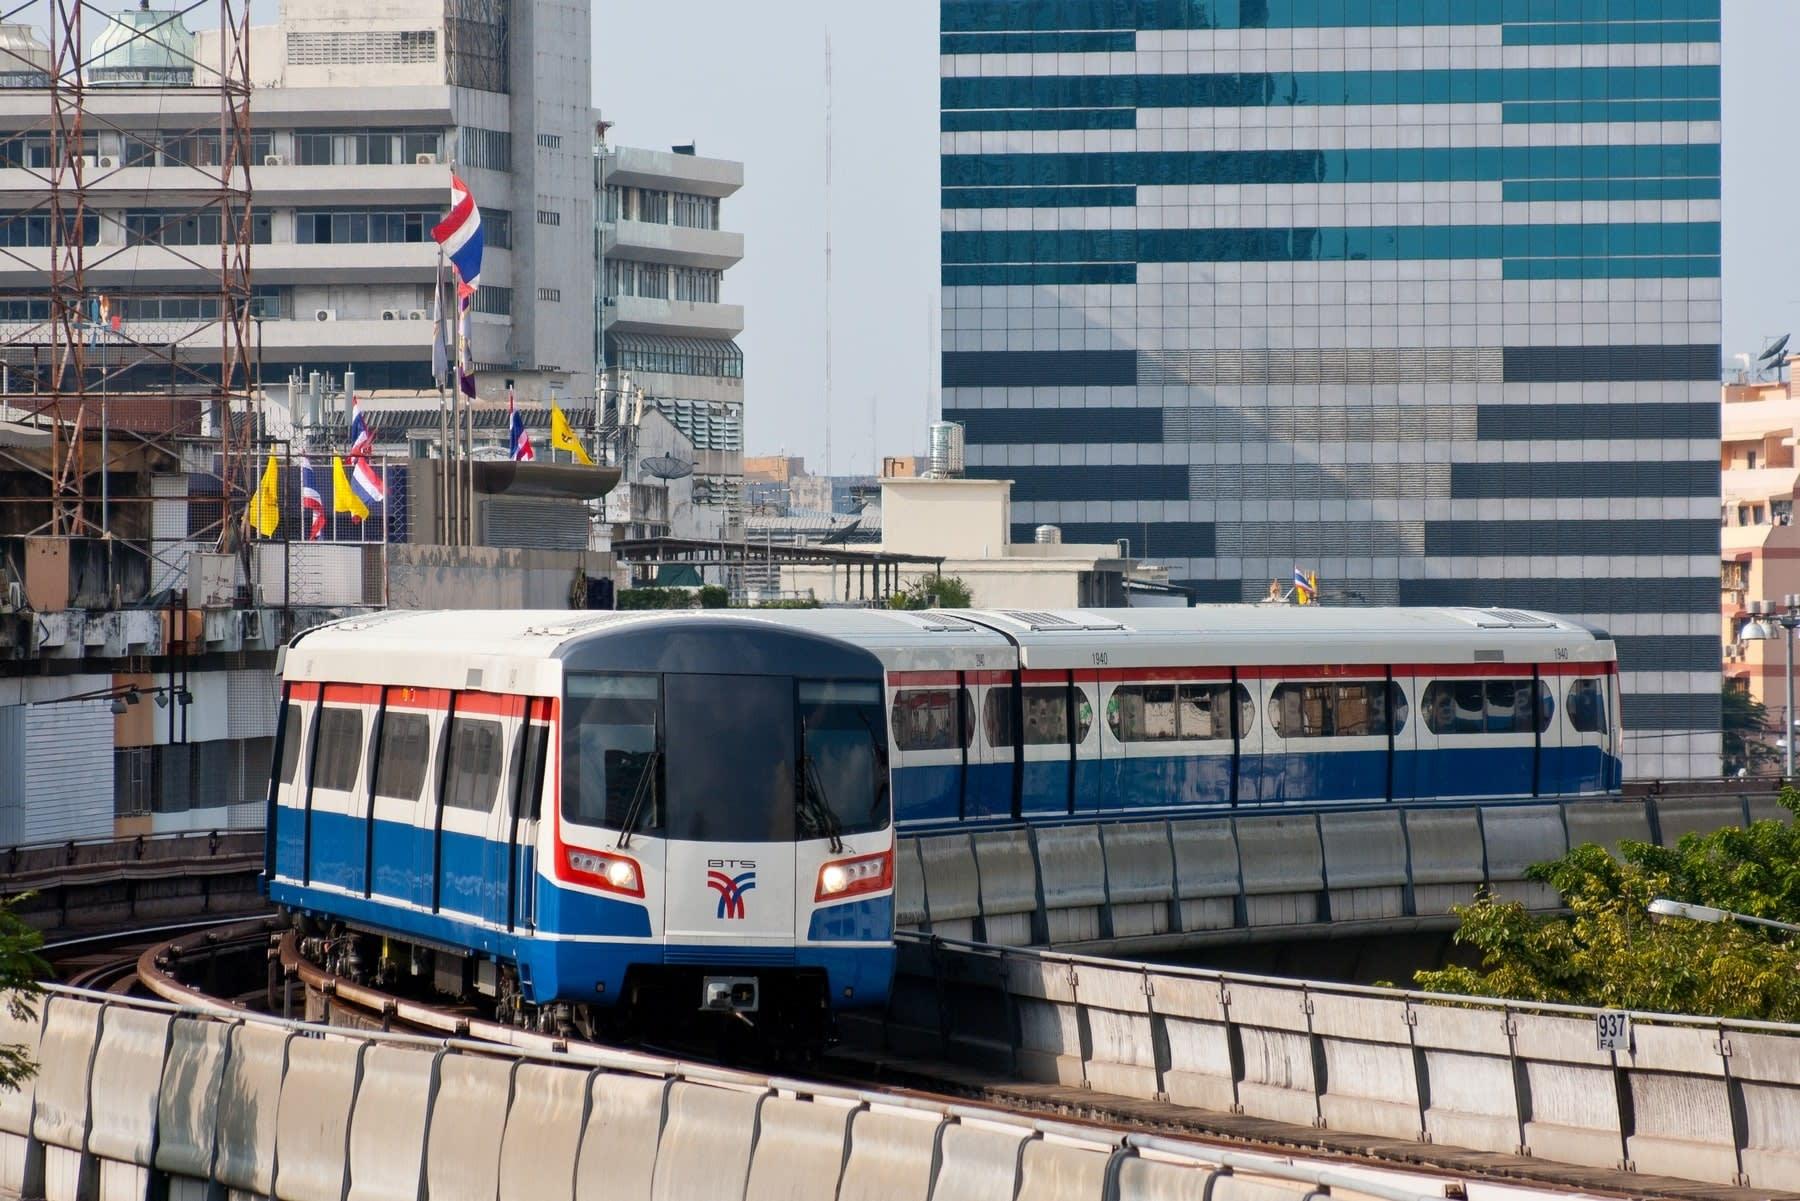 Du lịch Thái Lan với chính sách mới cho thẻ Rabbit và Bangkok Train Sky 2